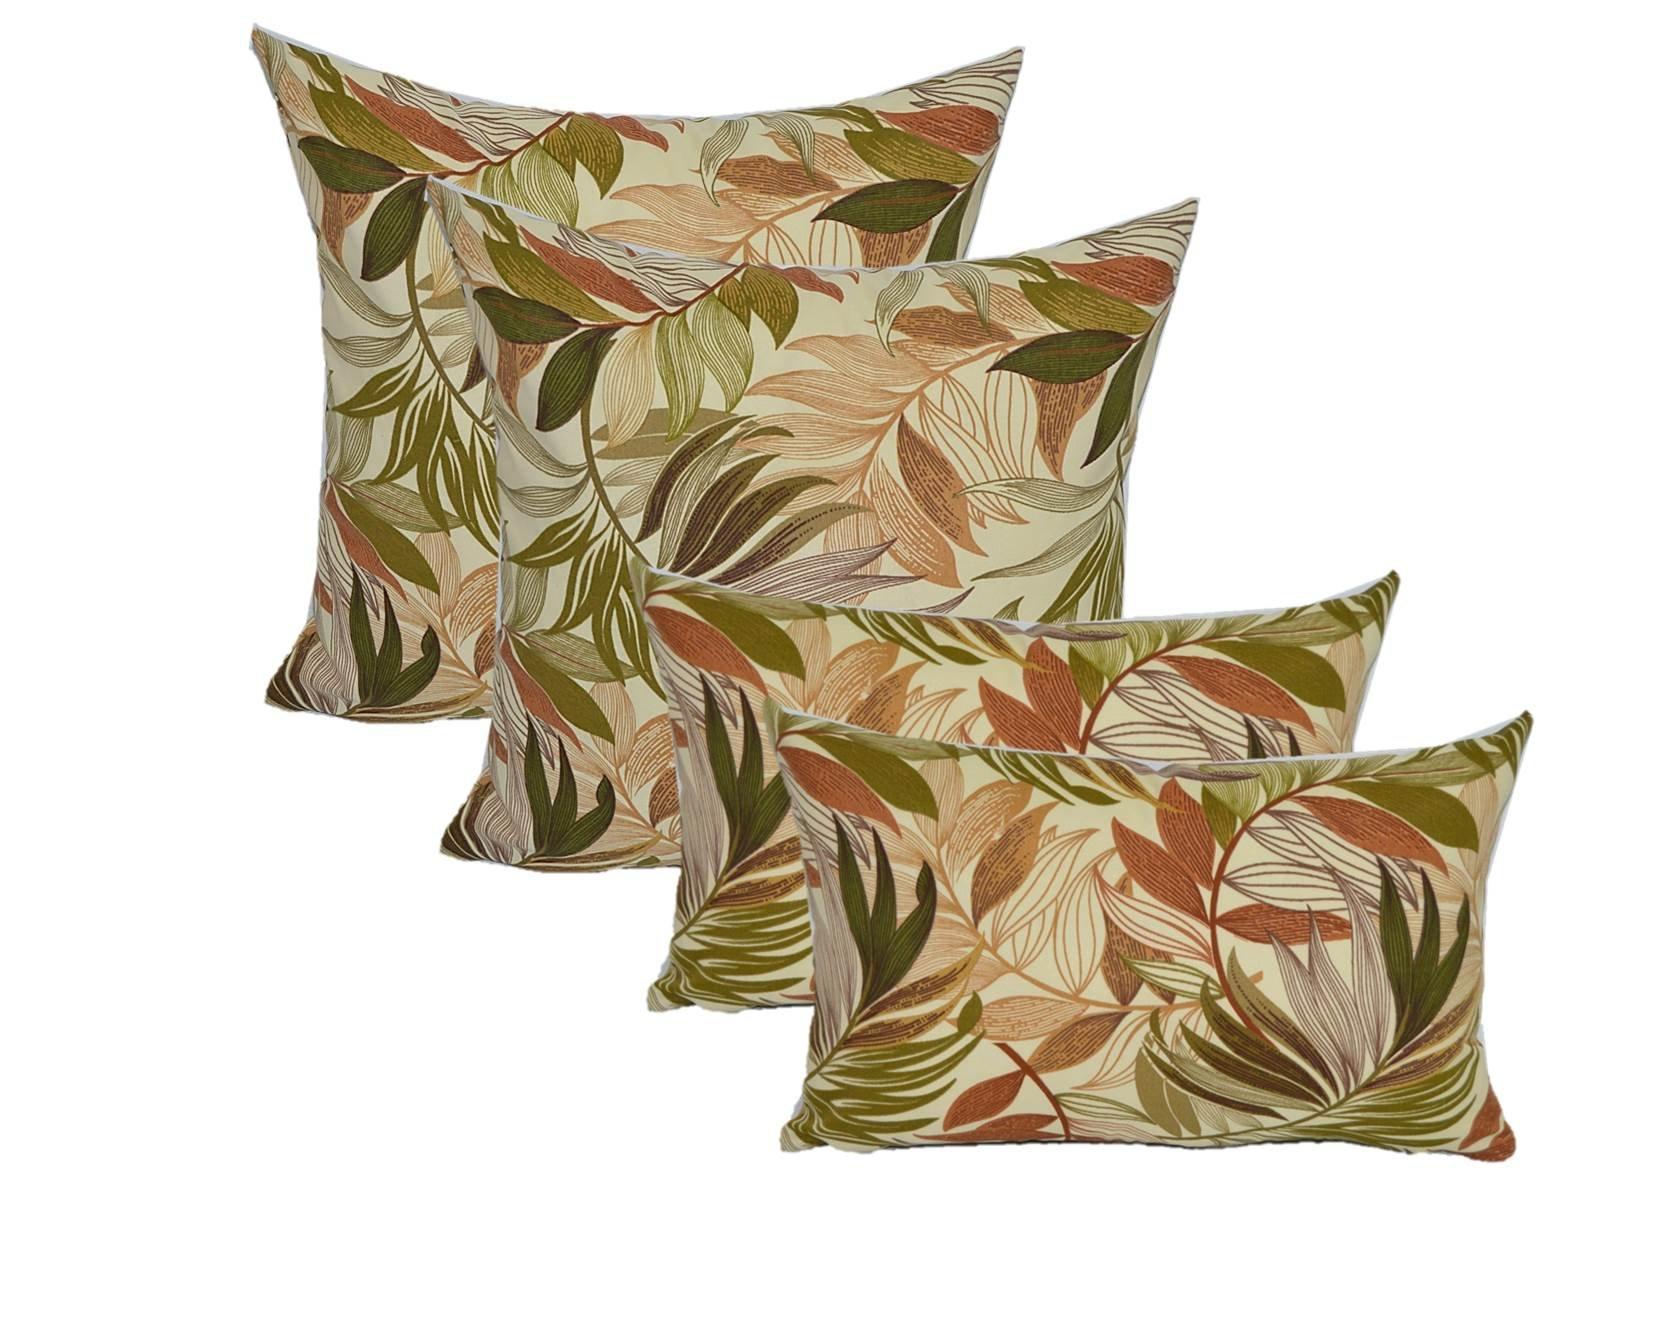 Cheap Tropical Throw Pillows Find Tropical Throw Pillows Deals On